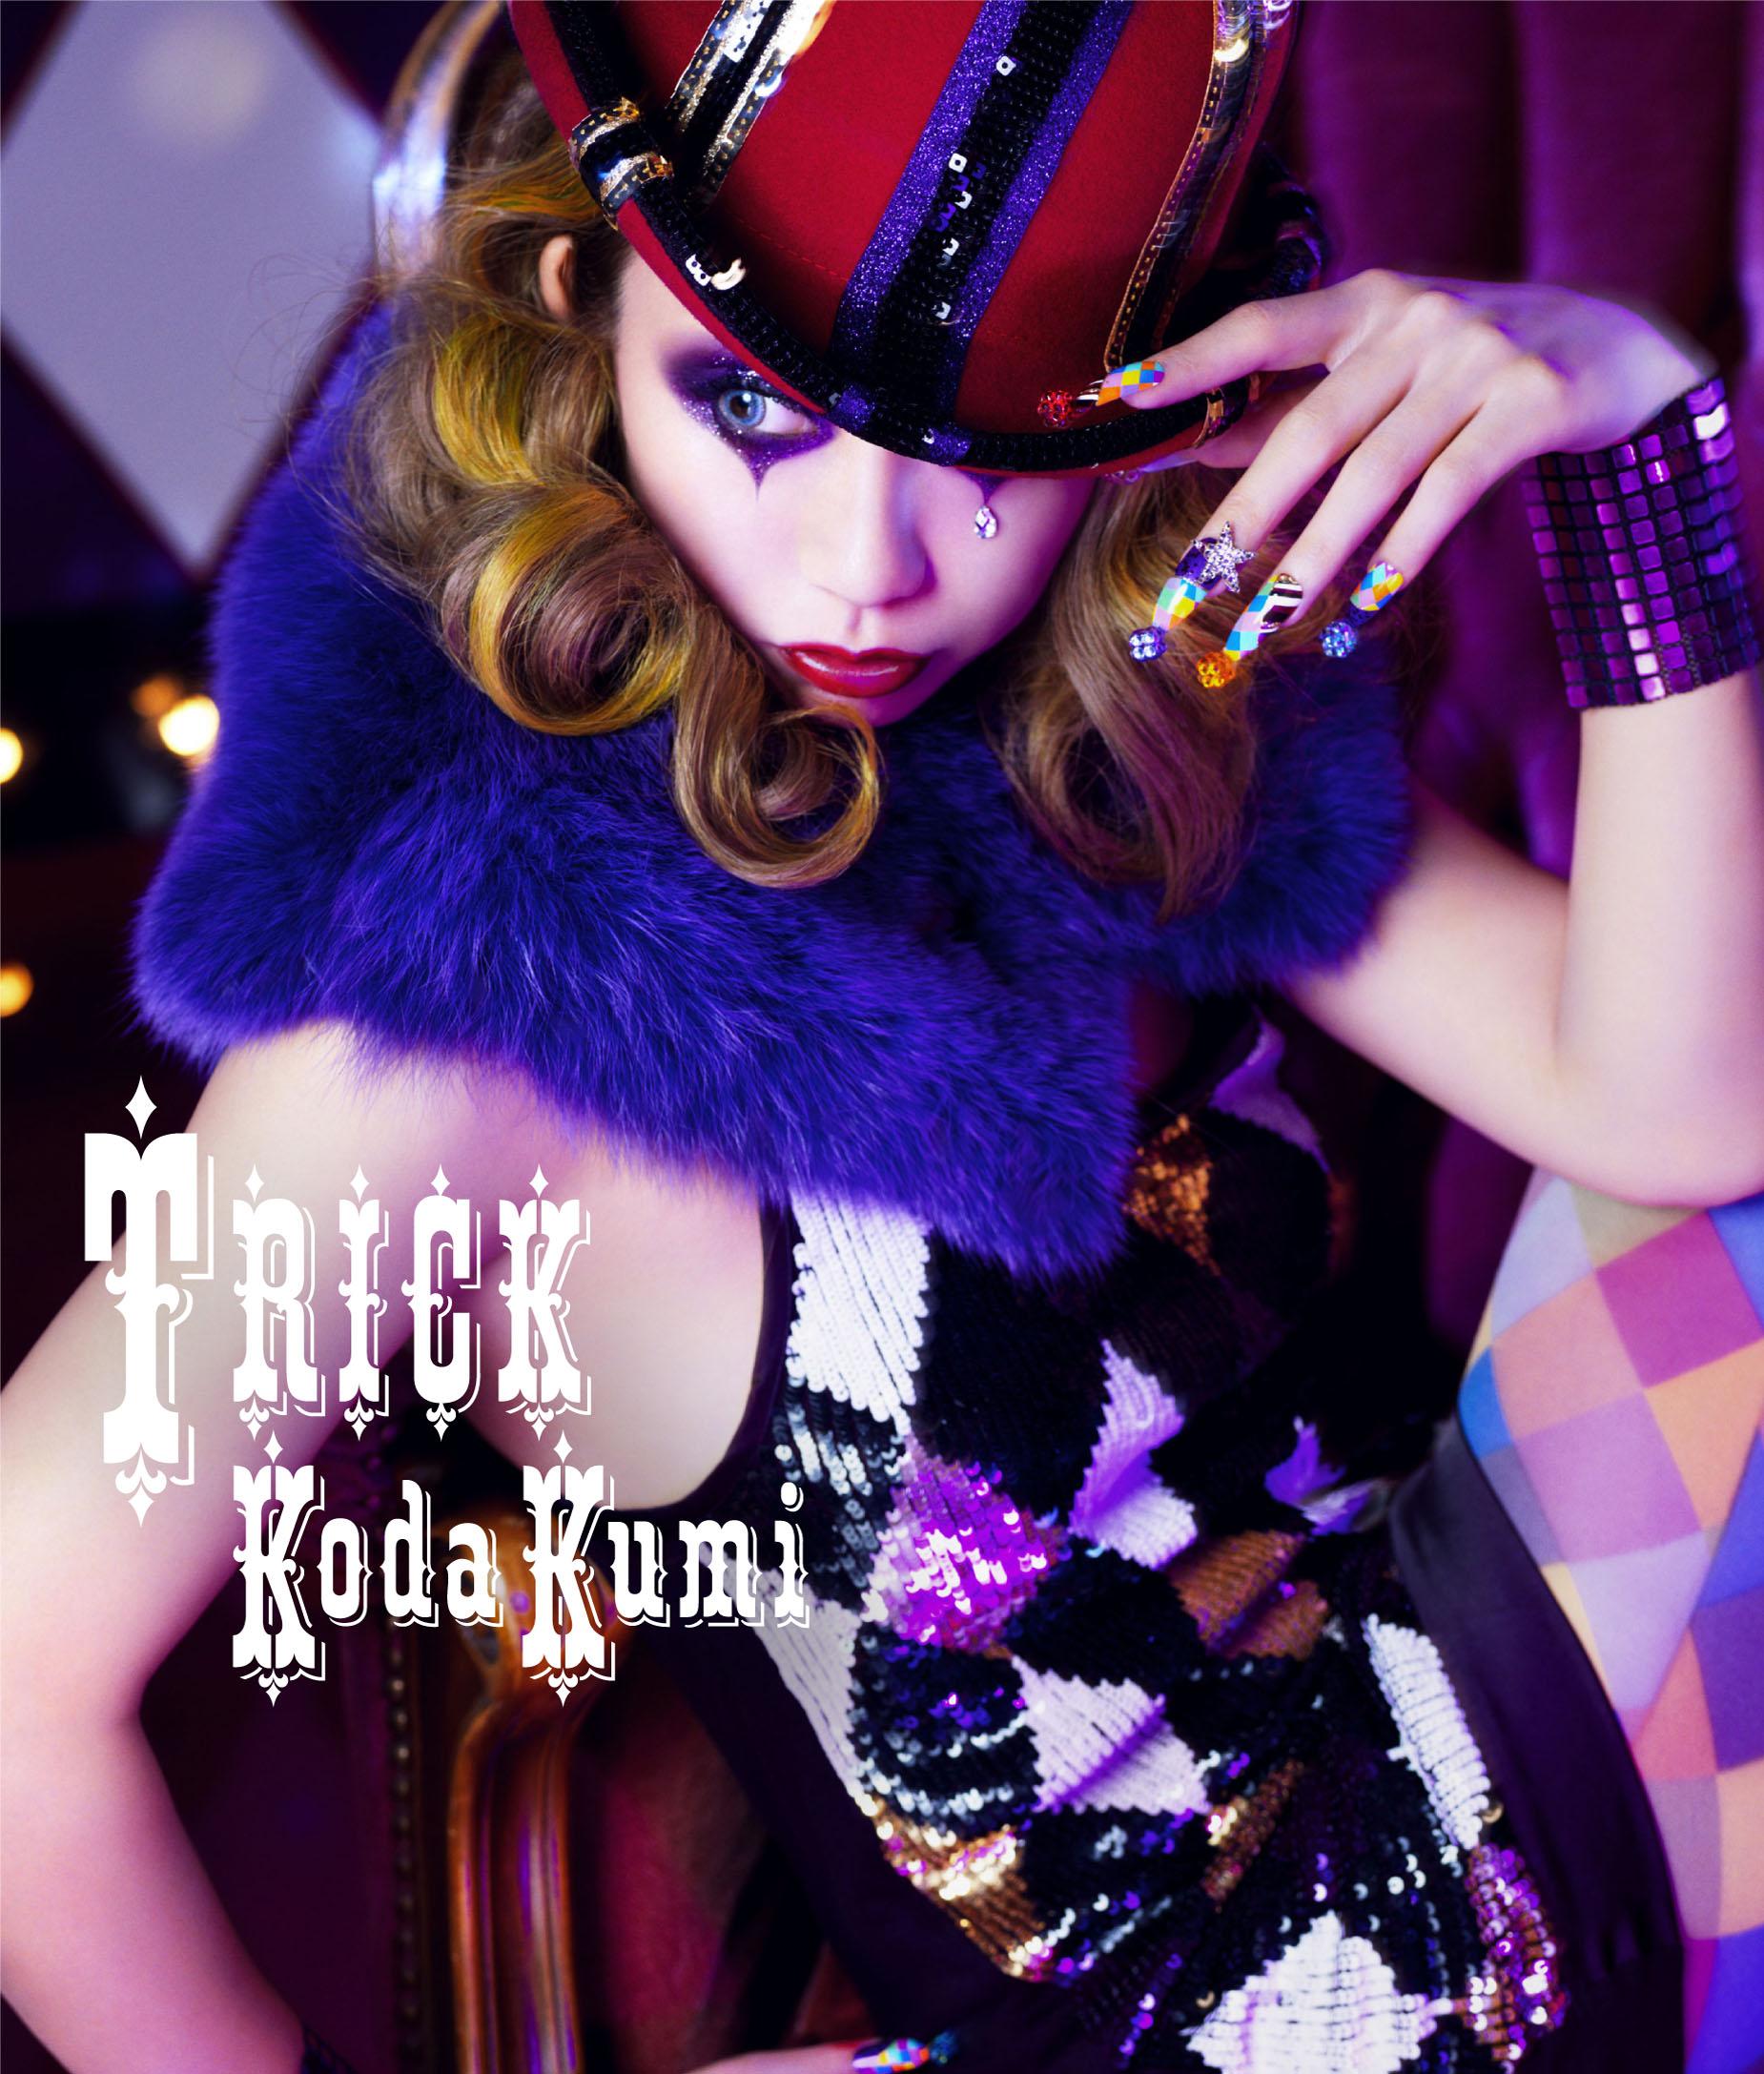 20170218.01.13 Koda Kumi - Trick cover 2.jpg